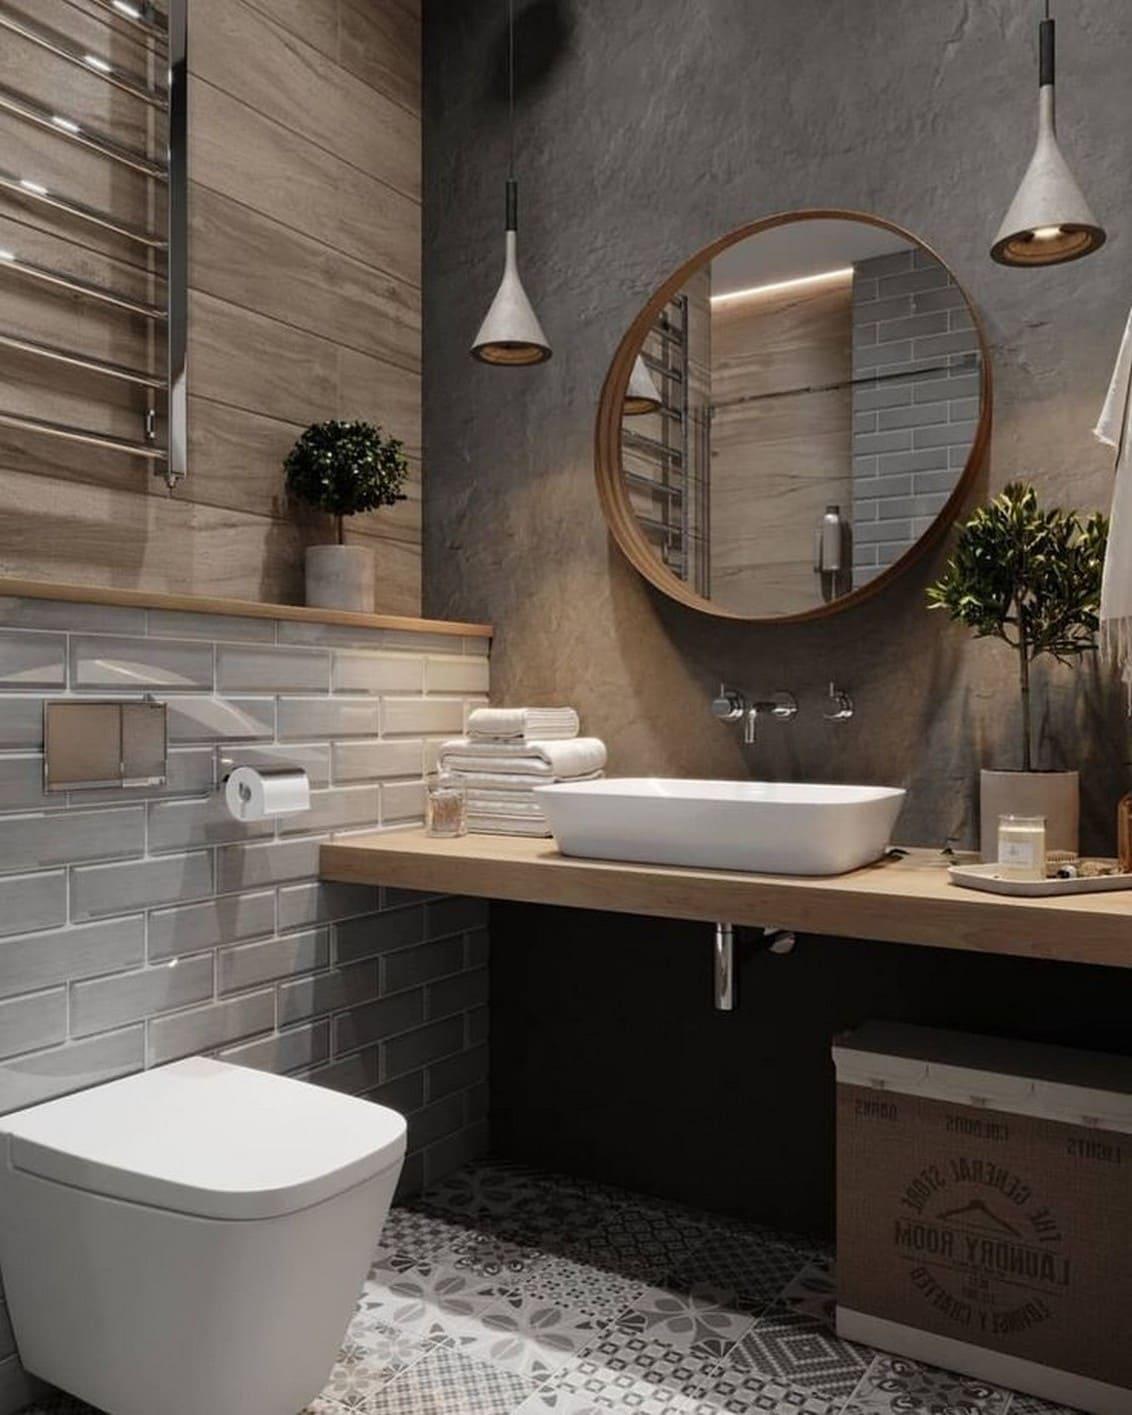 дизайн интерьера ванной комнаты фото 14